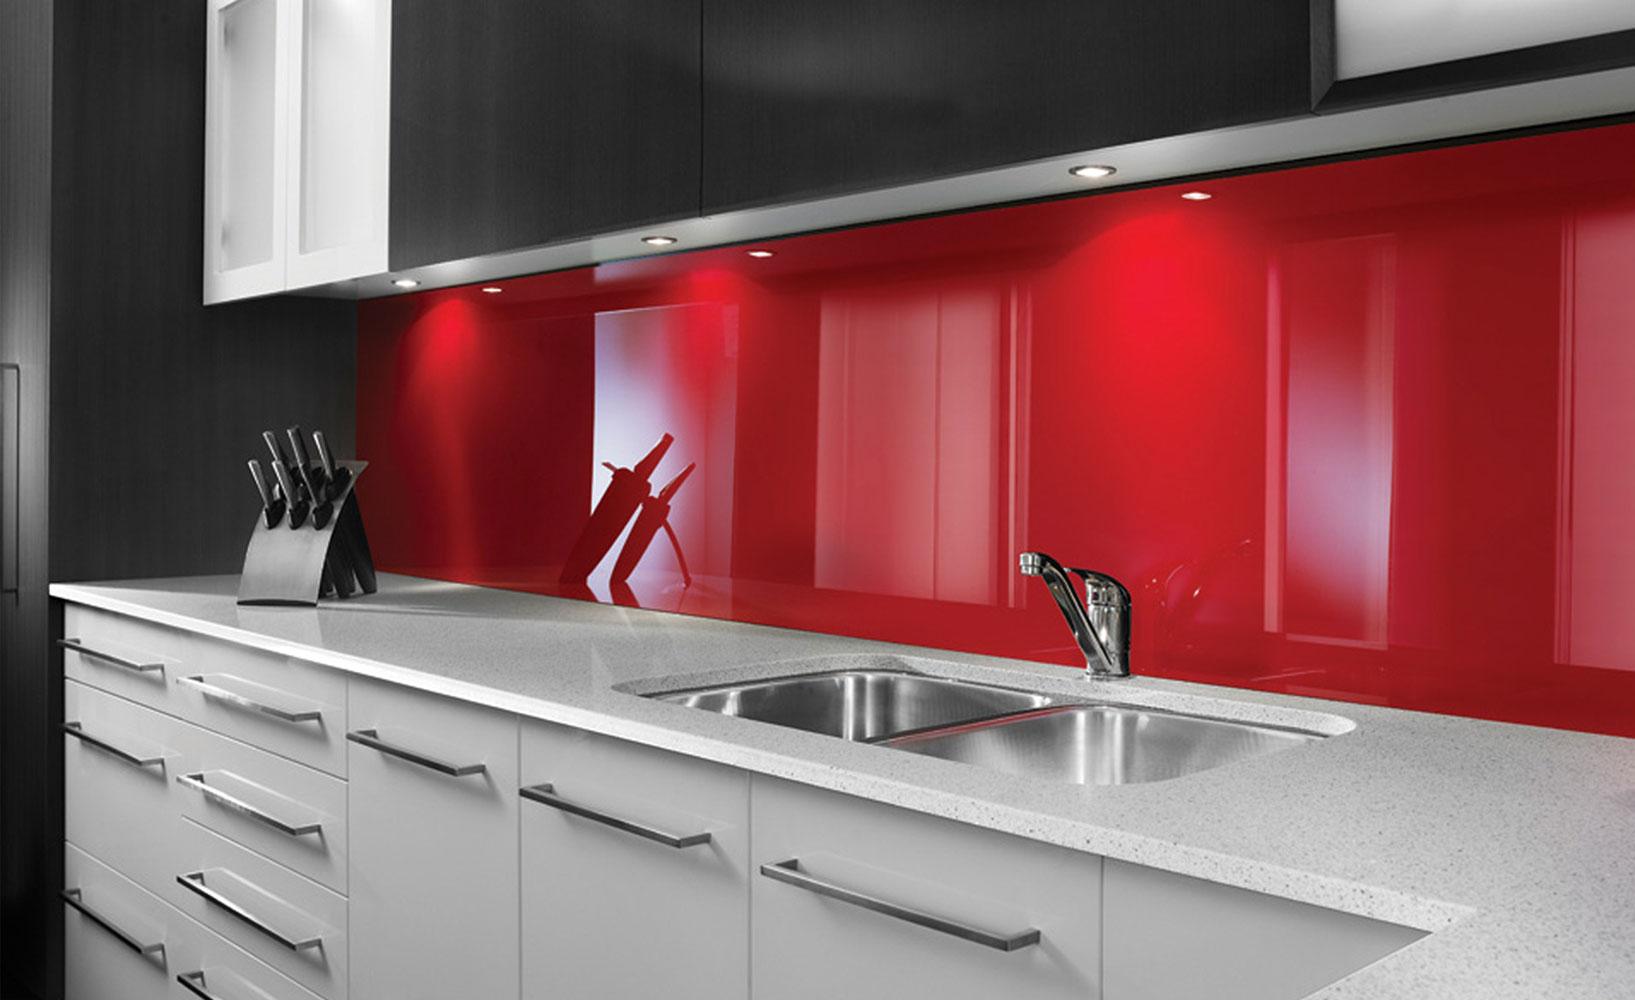 Küchenrückwände aus Acrylglas